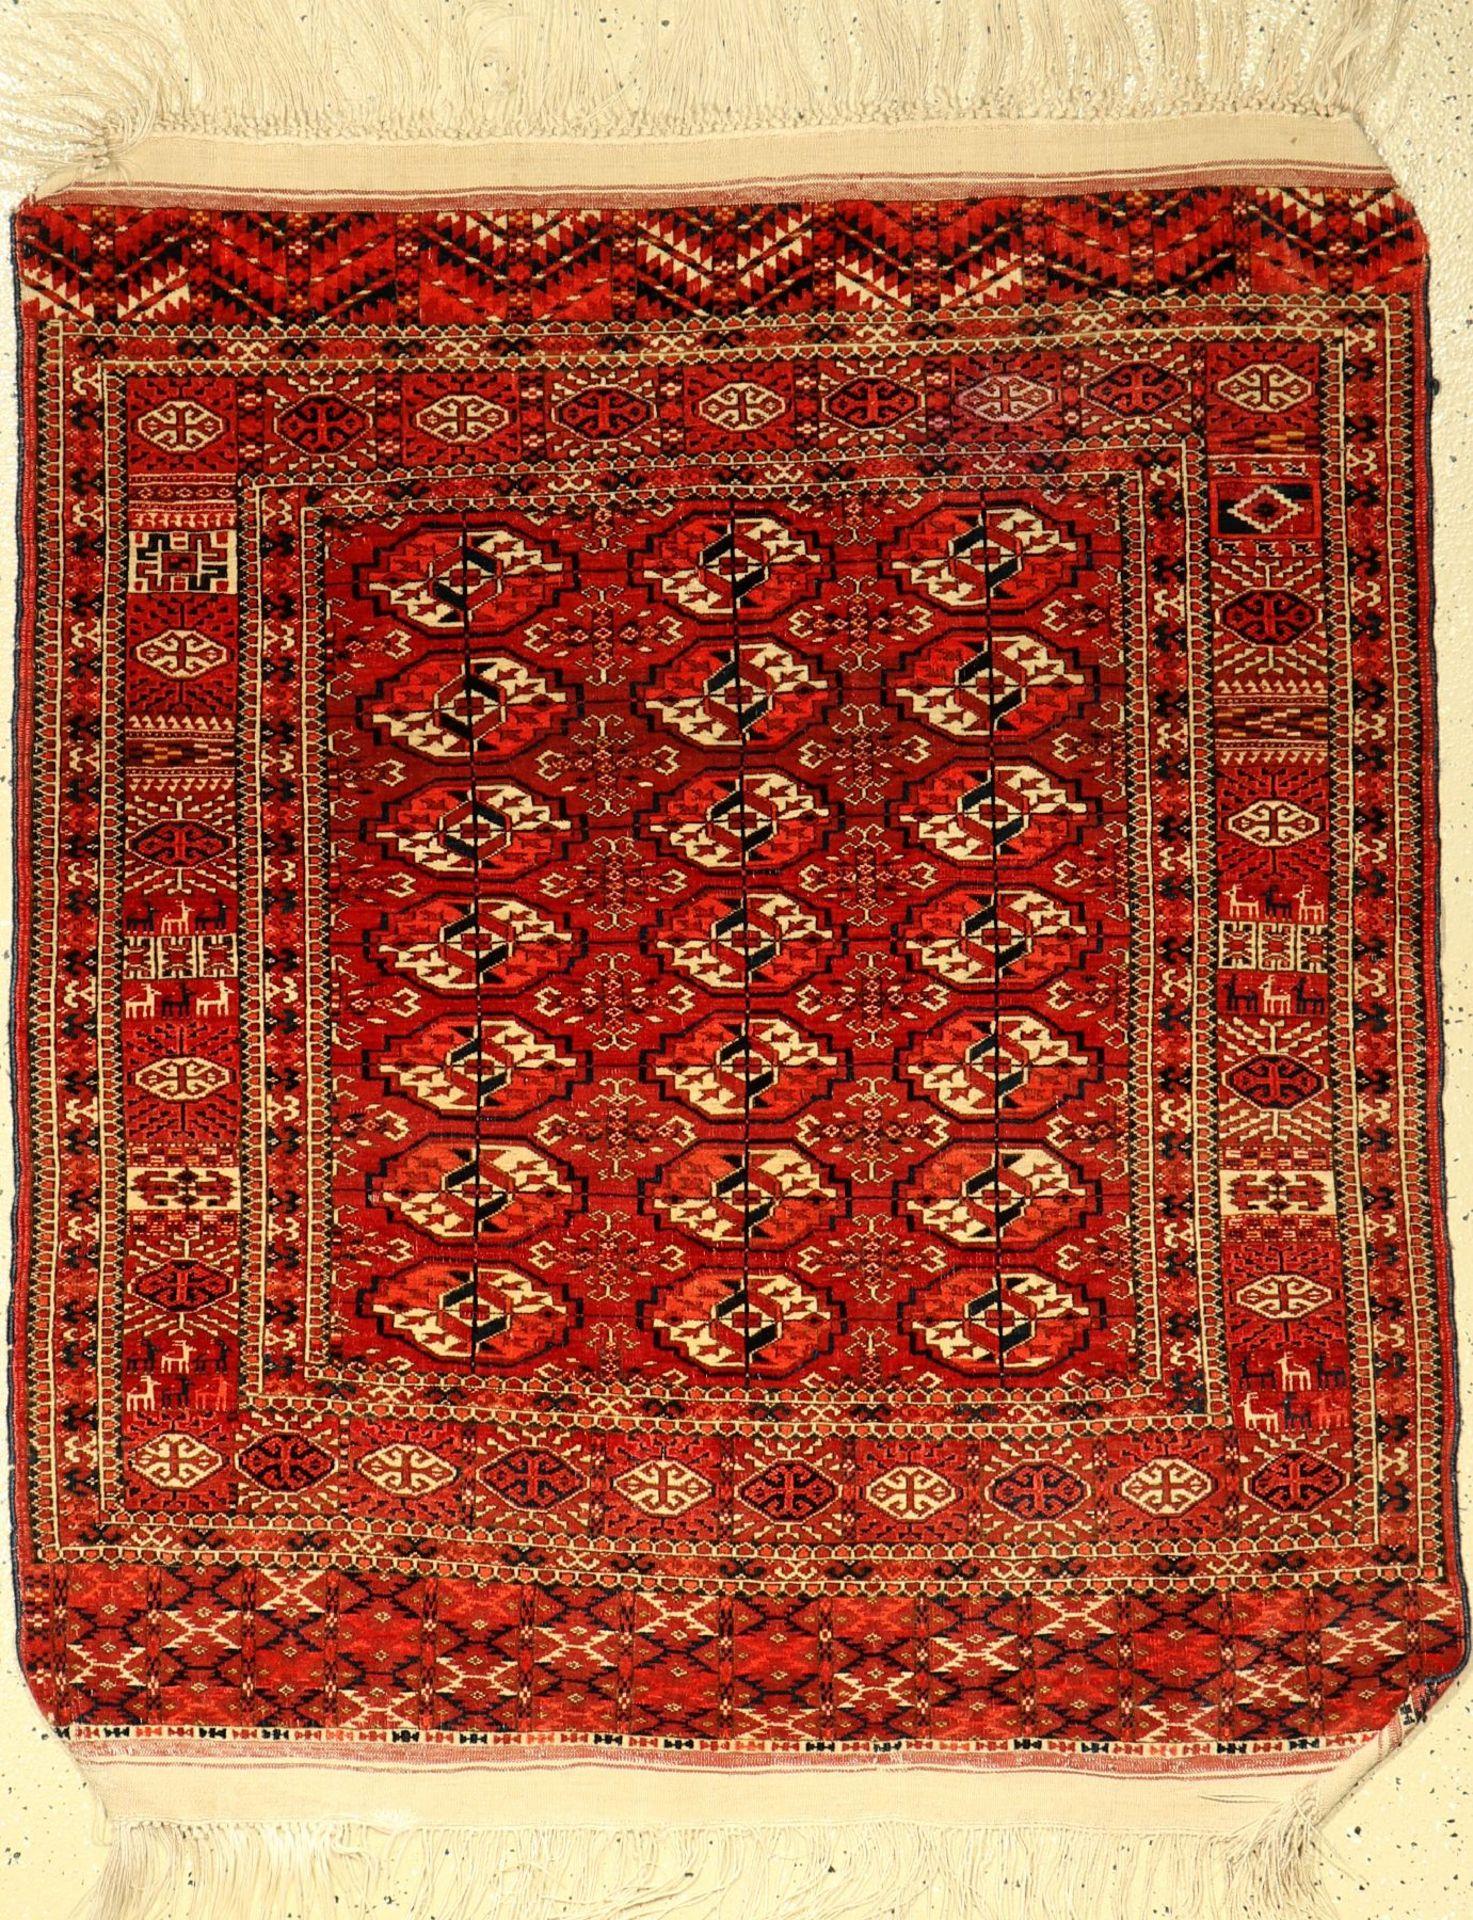 Tekke Hochzeitsteppich antik, Turkmenistan,um 1900, Wolle auf Wolle, ca. 123 x 111 cm, EHZ: 2-3